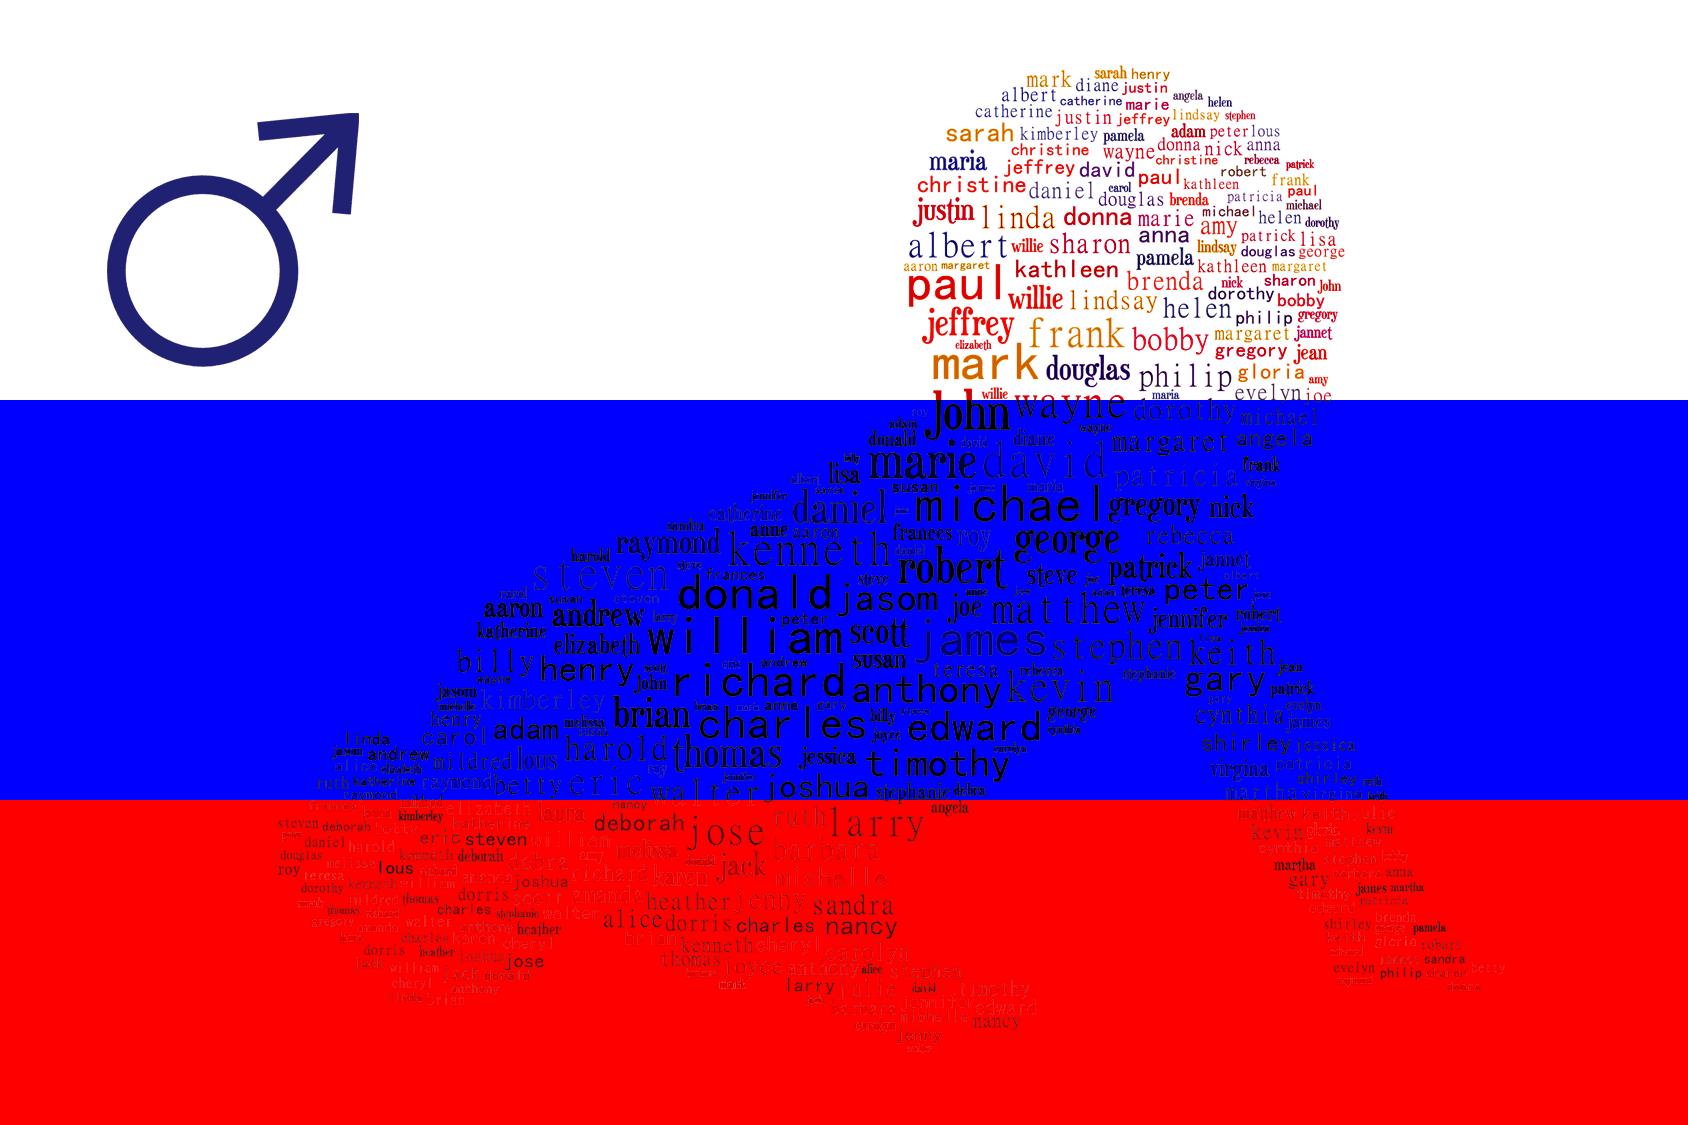 720 Russische Jongensnamen Top 10 Russische Namen Voor Mannen